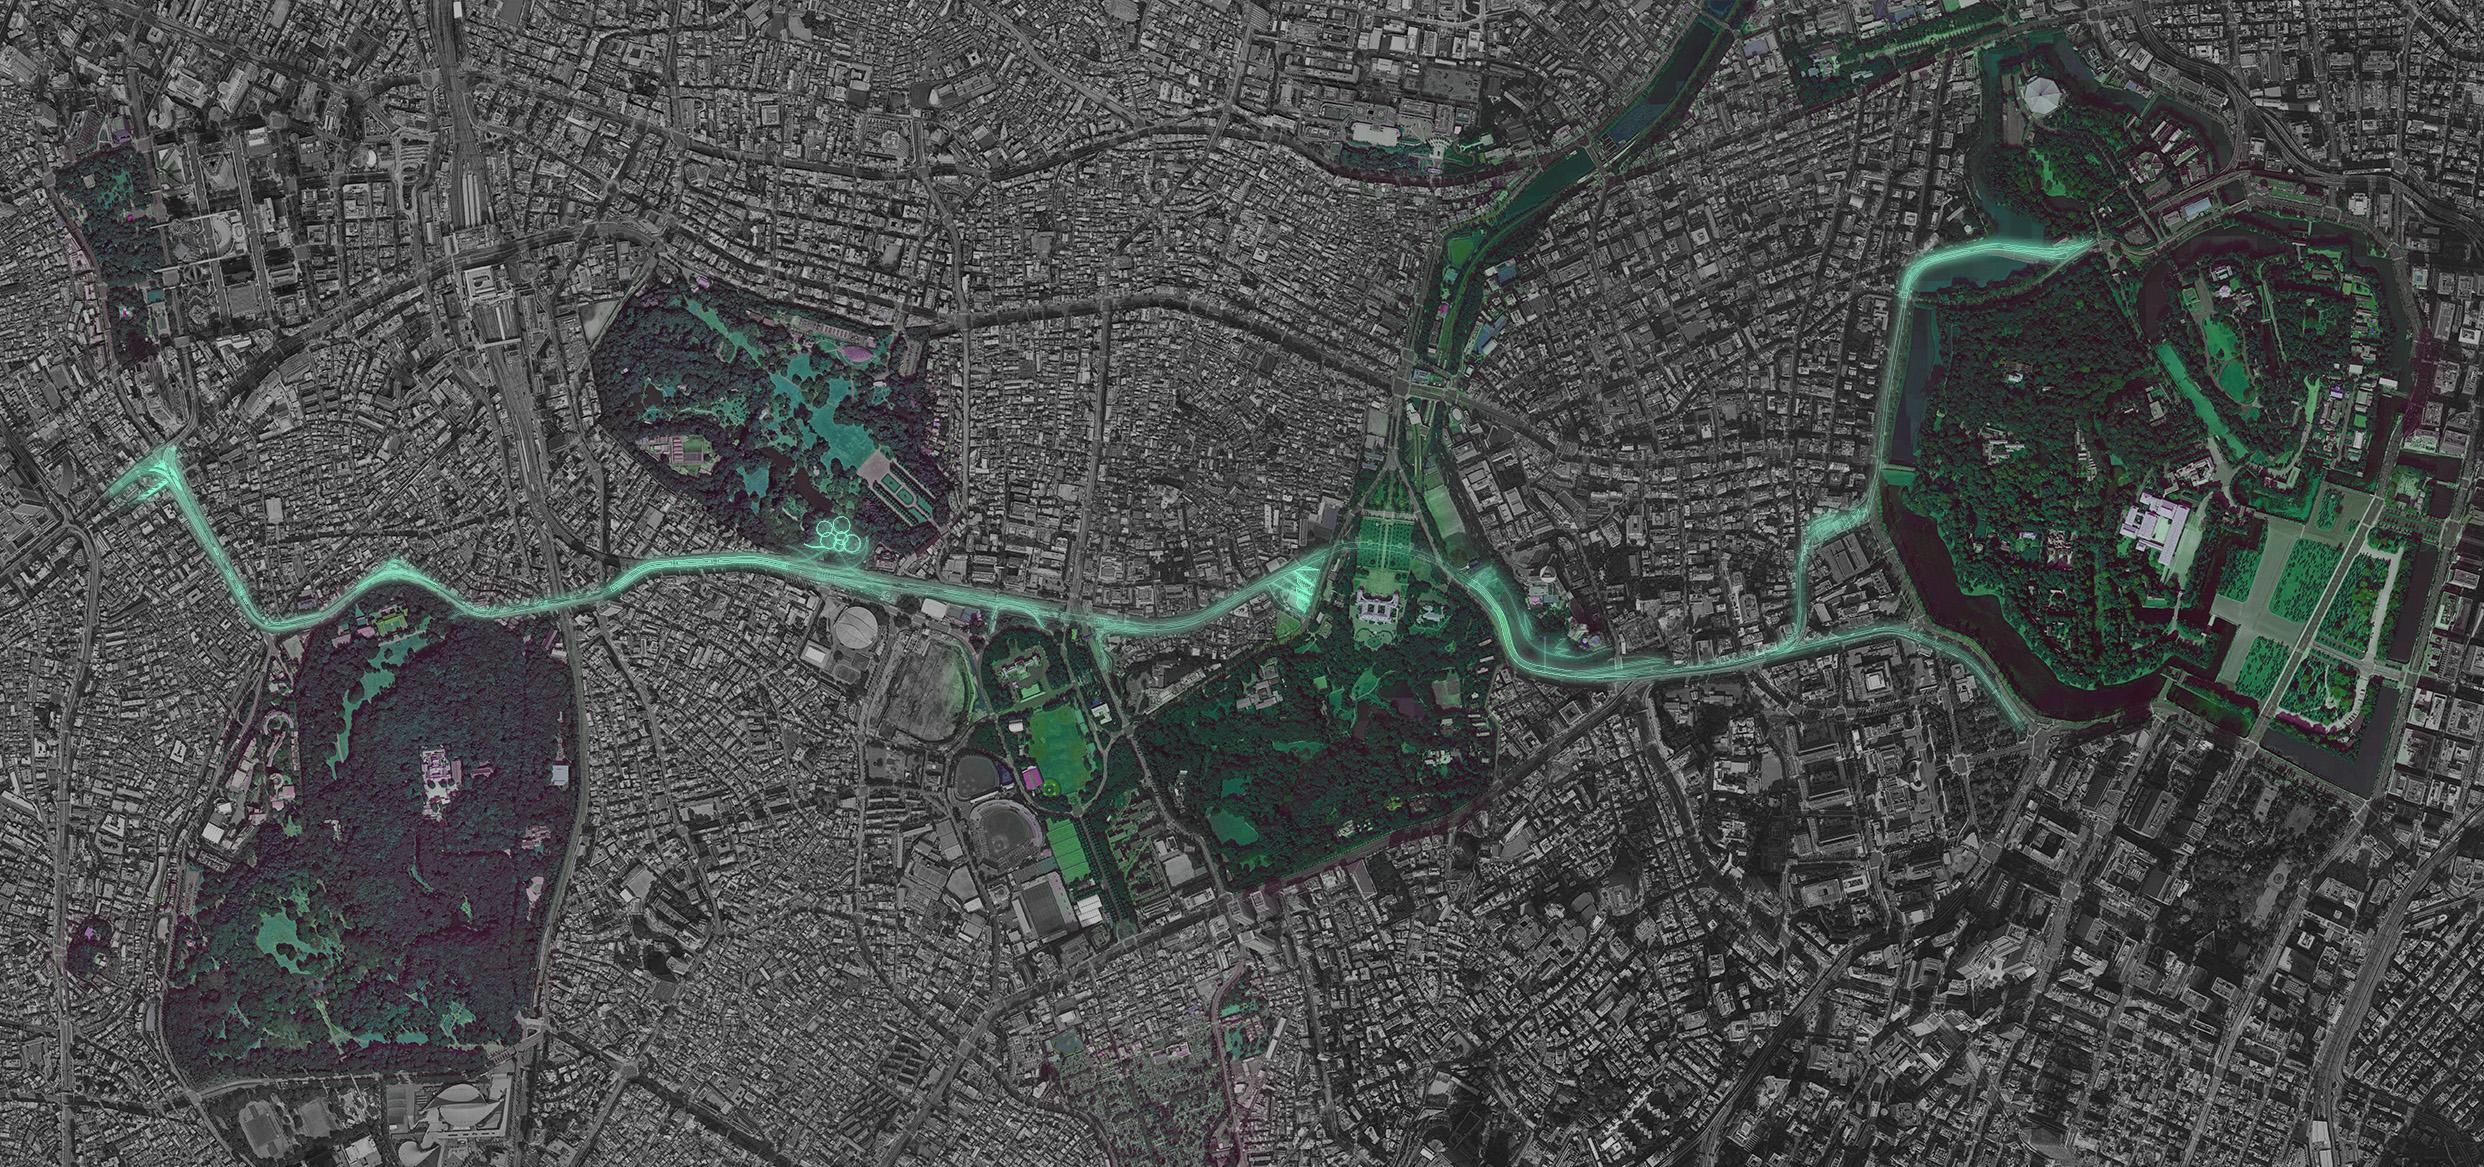 東京エメラルドネックレス計画